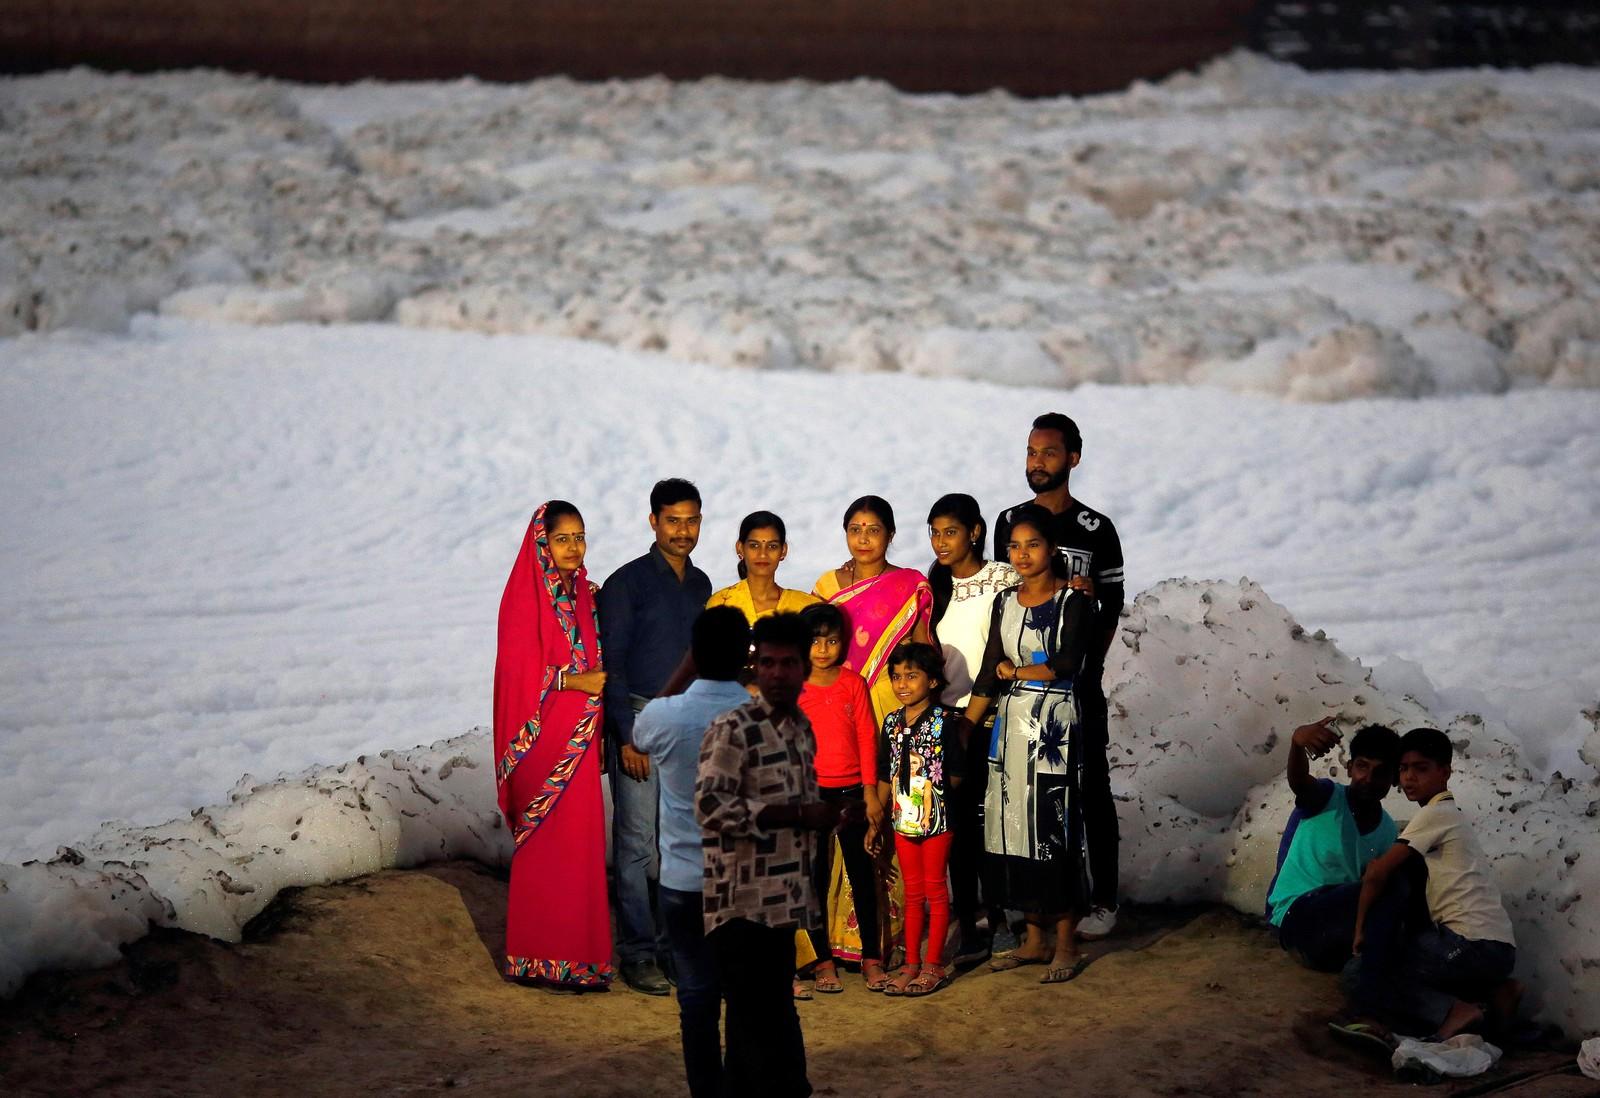 Det er populært å bruke skummet til den forurensede elven Yamuna som bakgrunn på fotografier. Det er den største sideelven til Ganges. Bildet er tatt i New Delhi i India den 11. oktober.